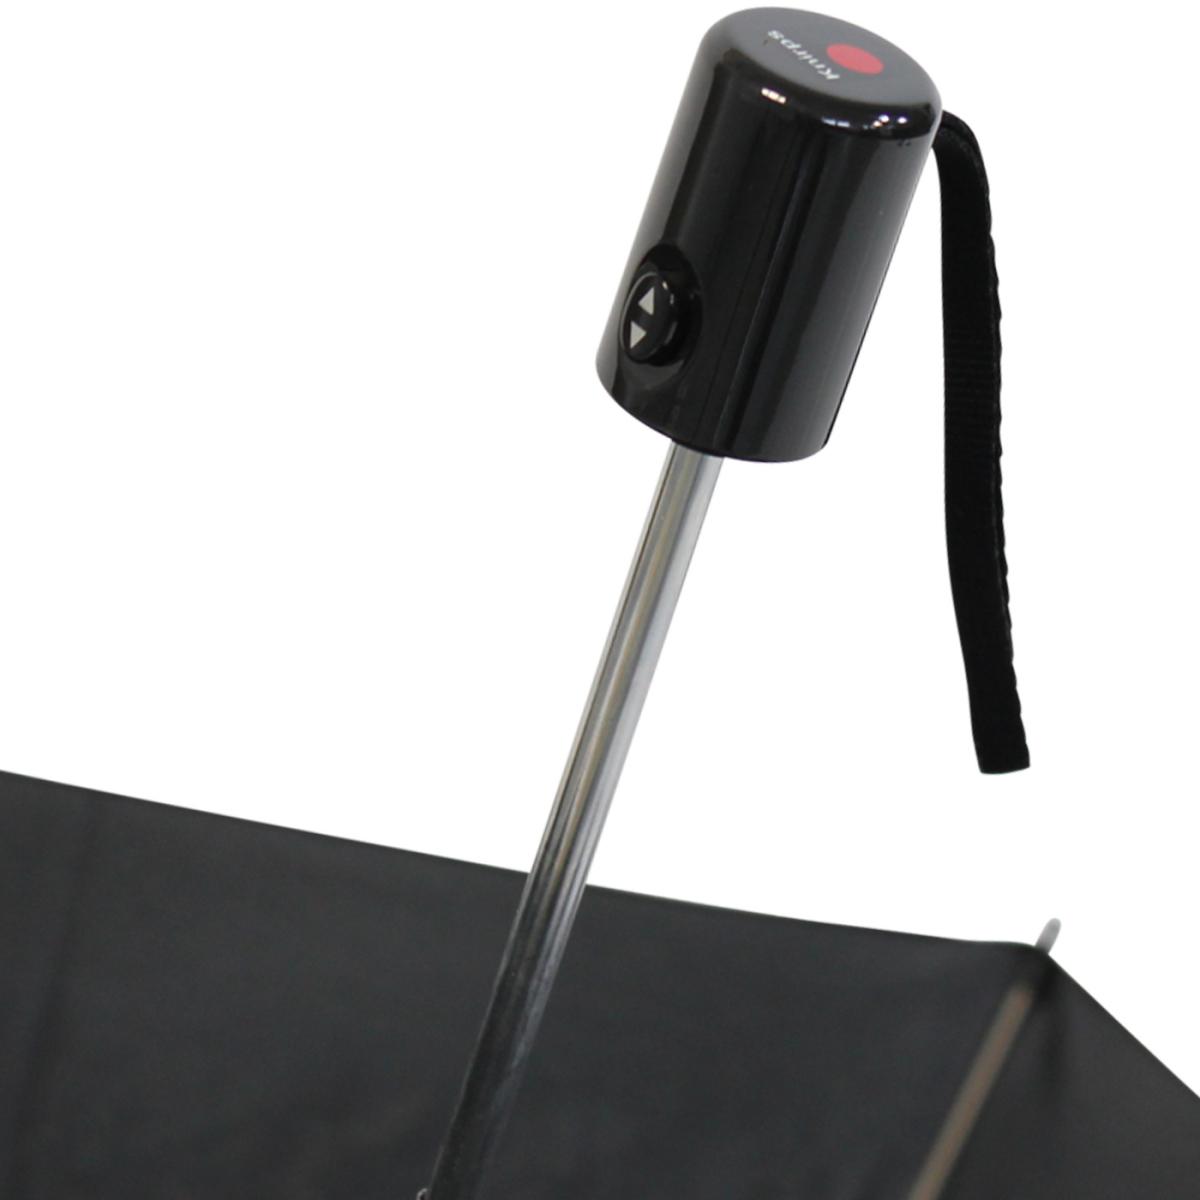 knirps regenschirm slim duomatic klein und leicht mit auf zu automatik kitty 32 99. Black Bedroom Furniture Sets. Home Design Ideas